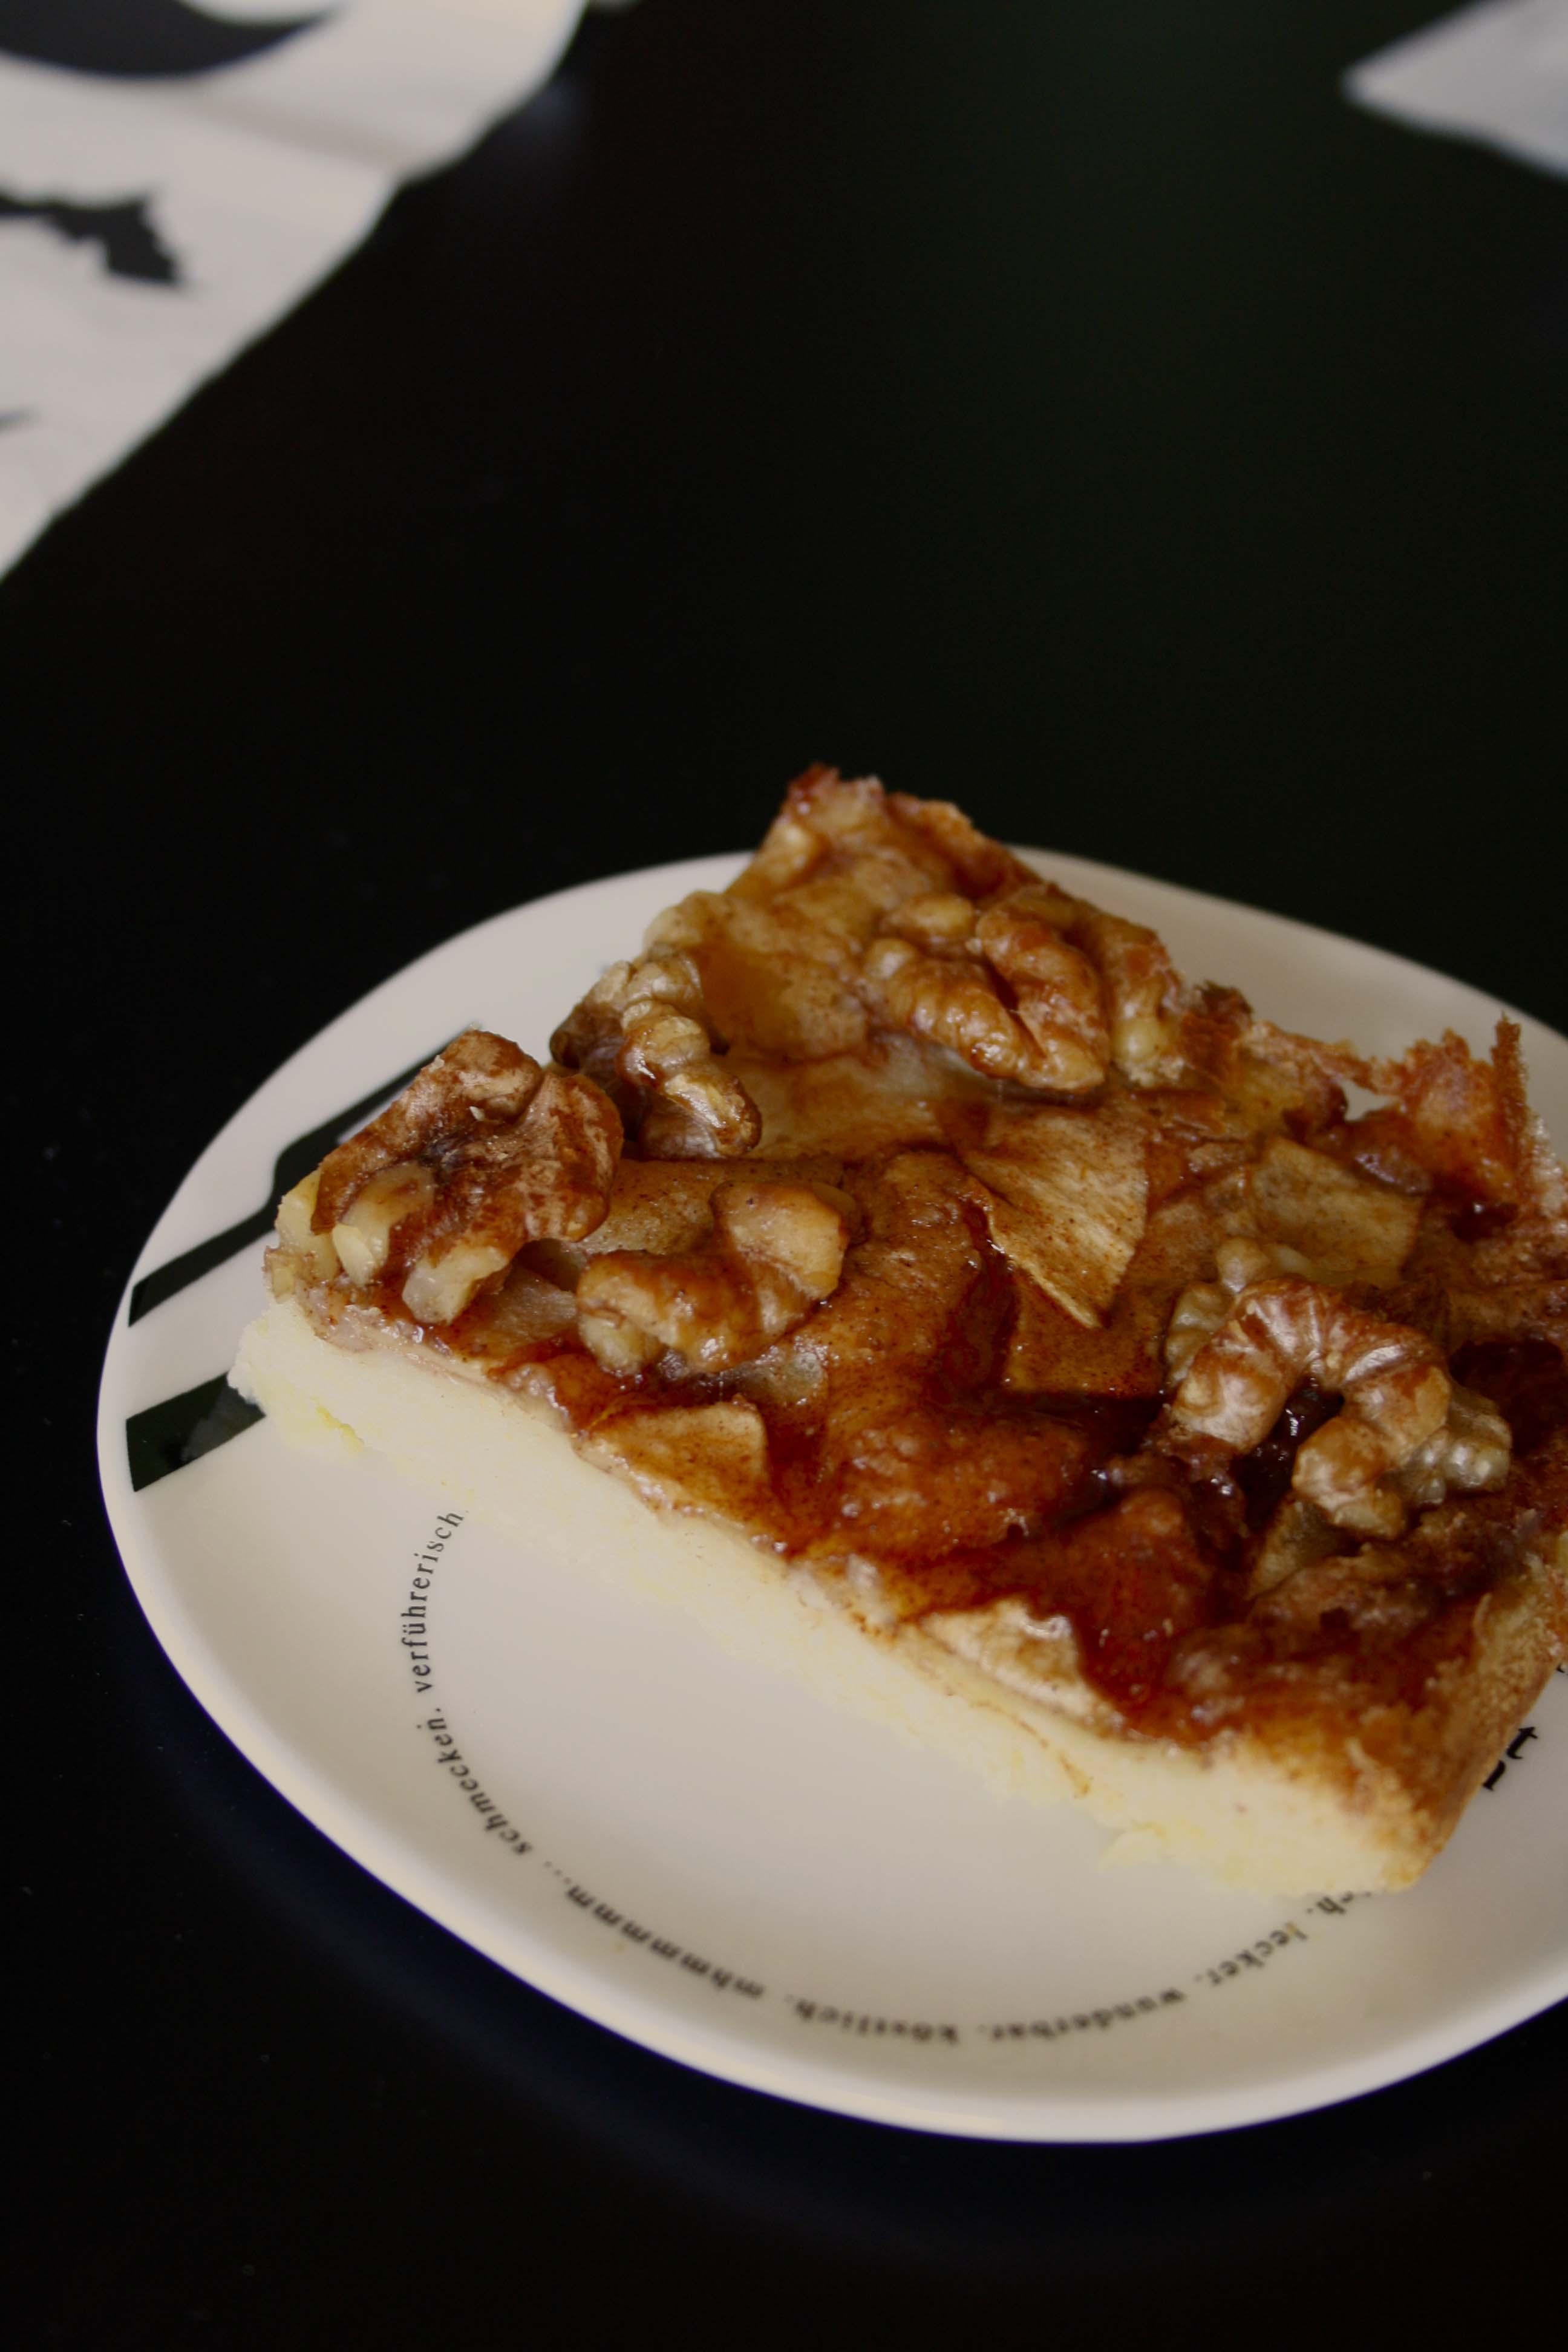 Apfel Walnuss Kuchen mit Sirup